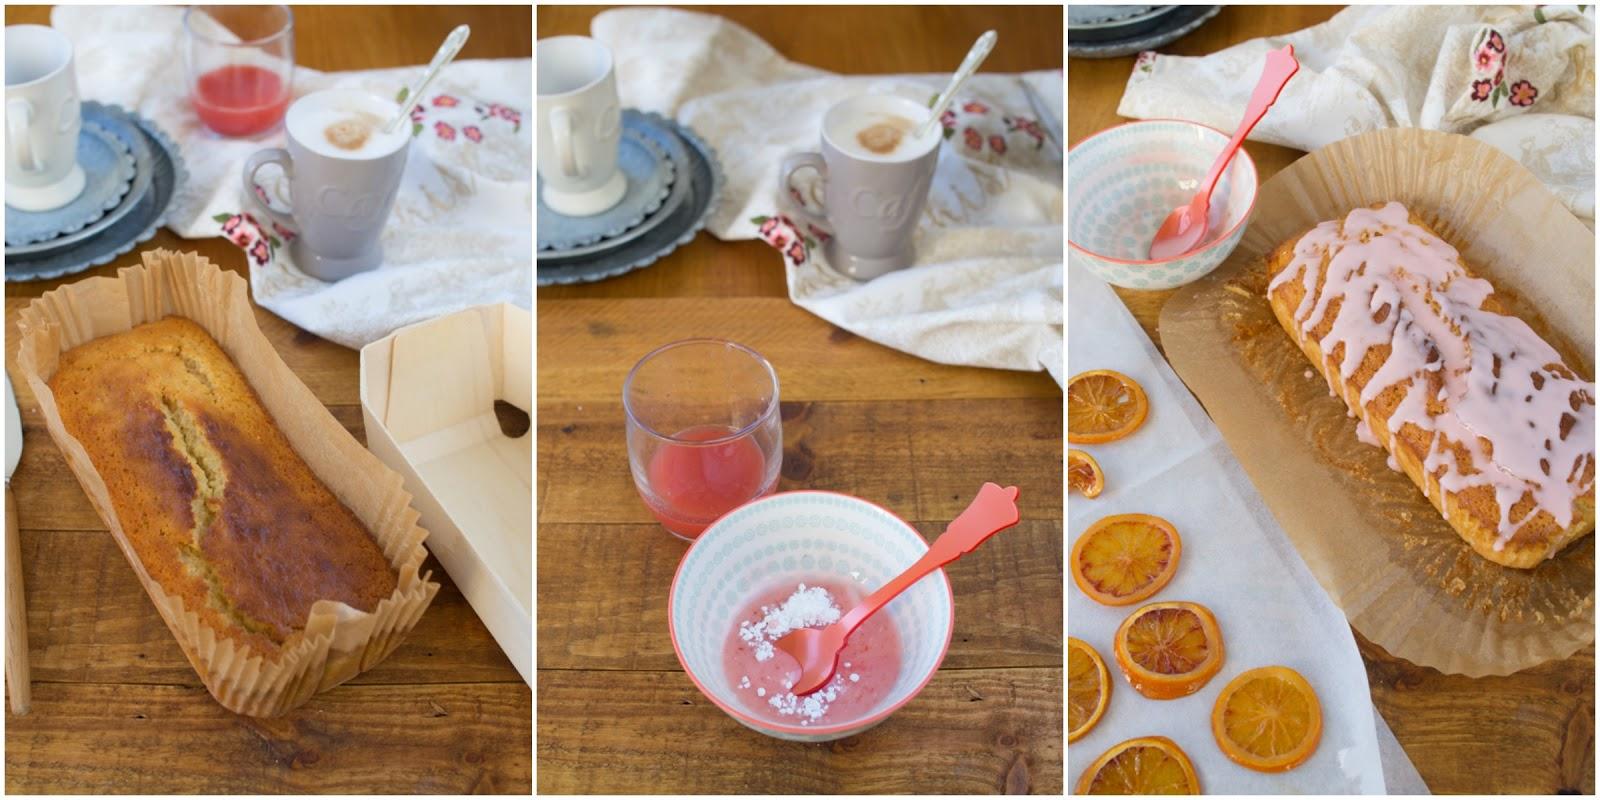 Loaf cake de buttermilk y naranja sanguina